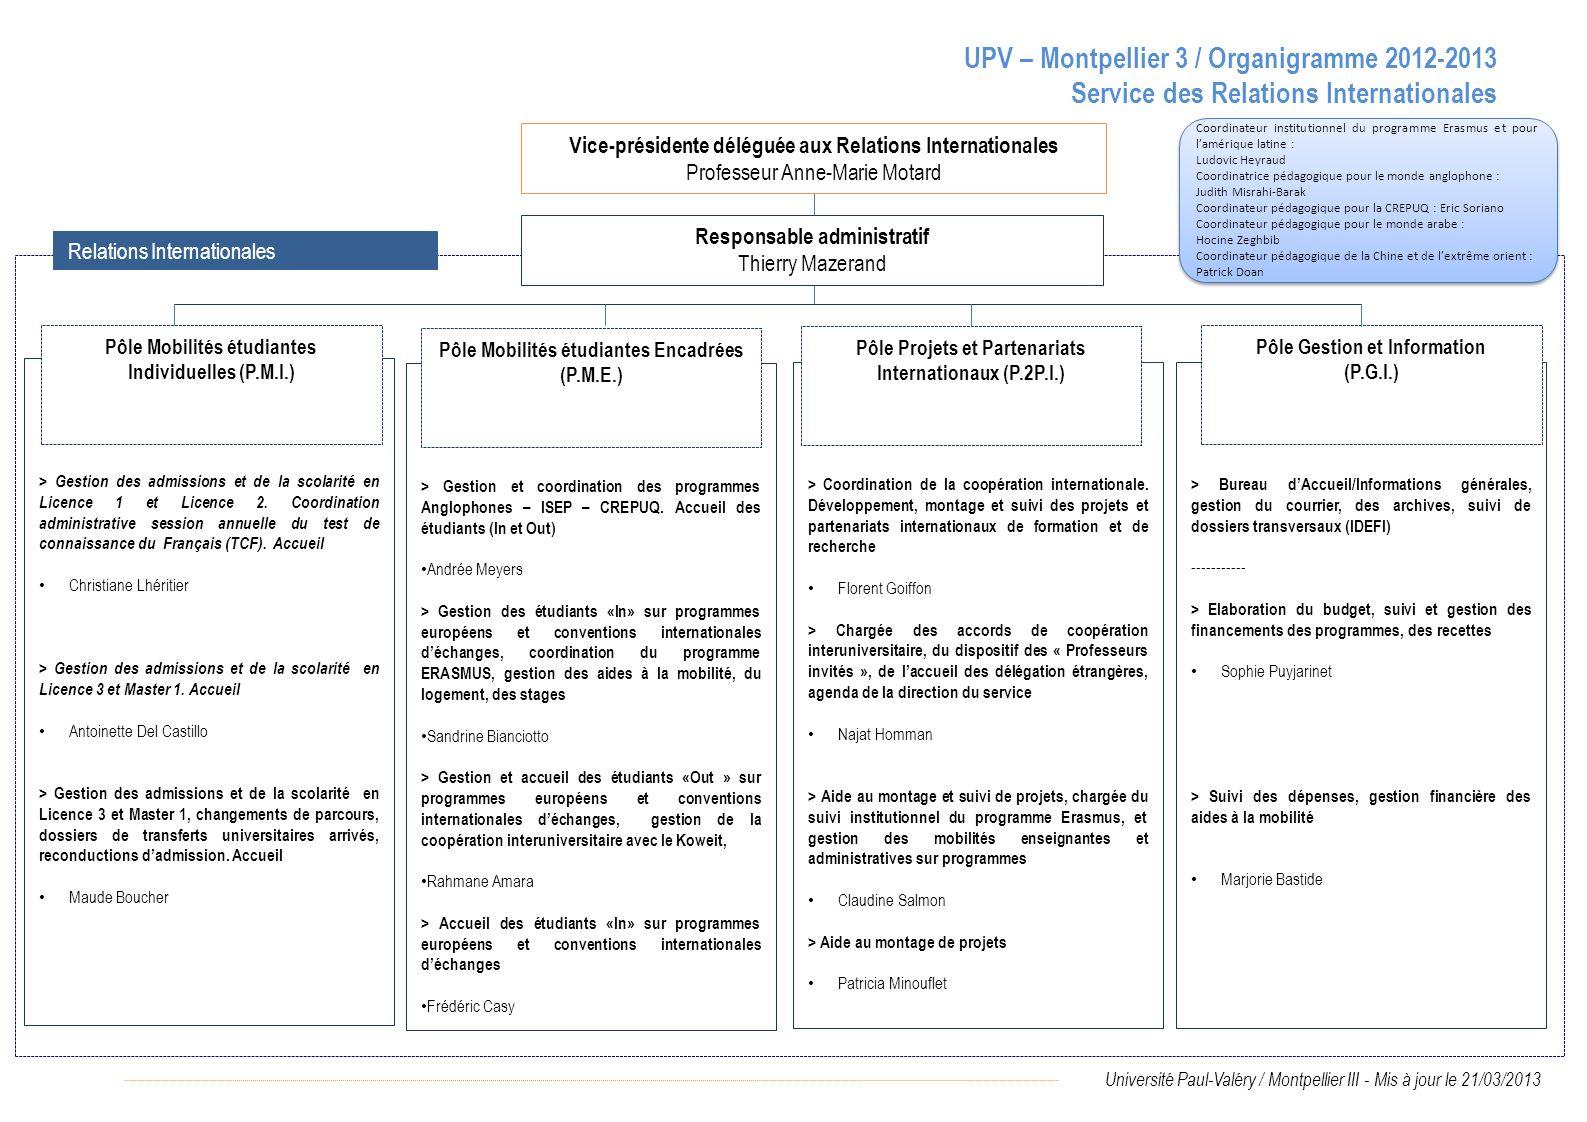 Responsable : Timothée Gayet > Coordination de la coopération internationale. Développement, montage et suivi des projets et partenariats internationa